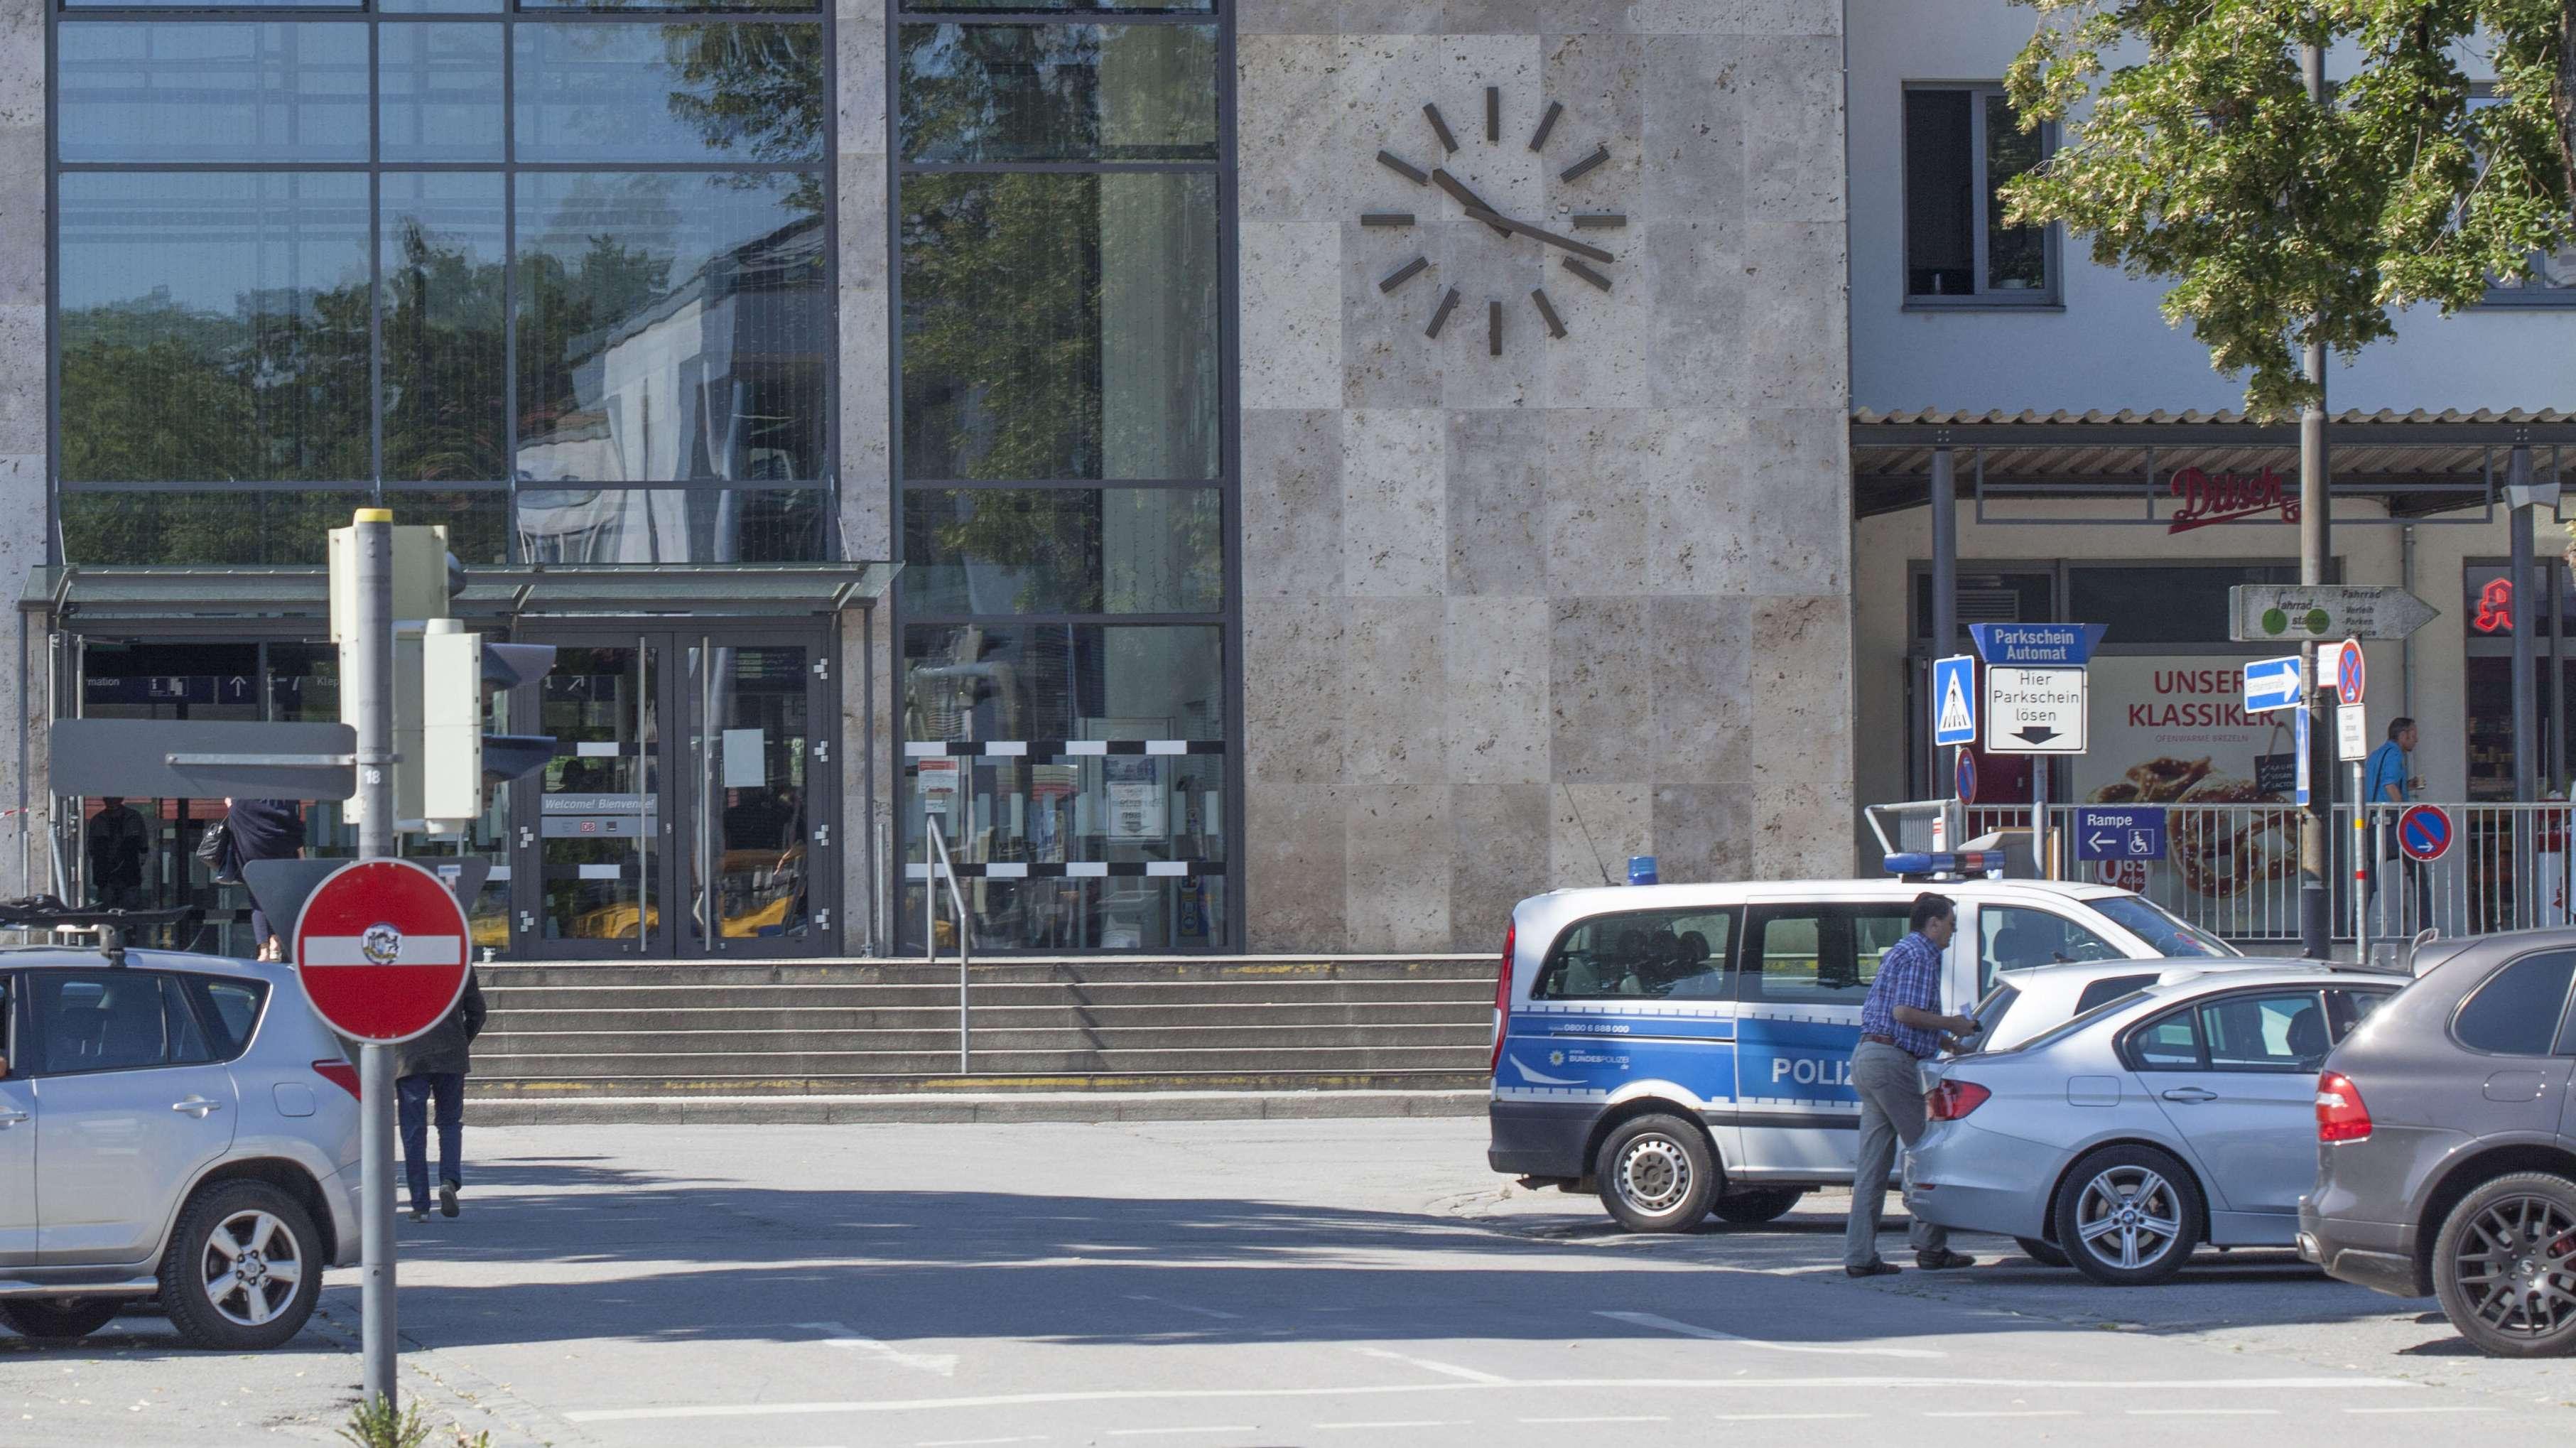 Der Bahnhof in Rosenheim (Archiv)